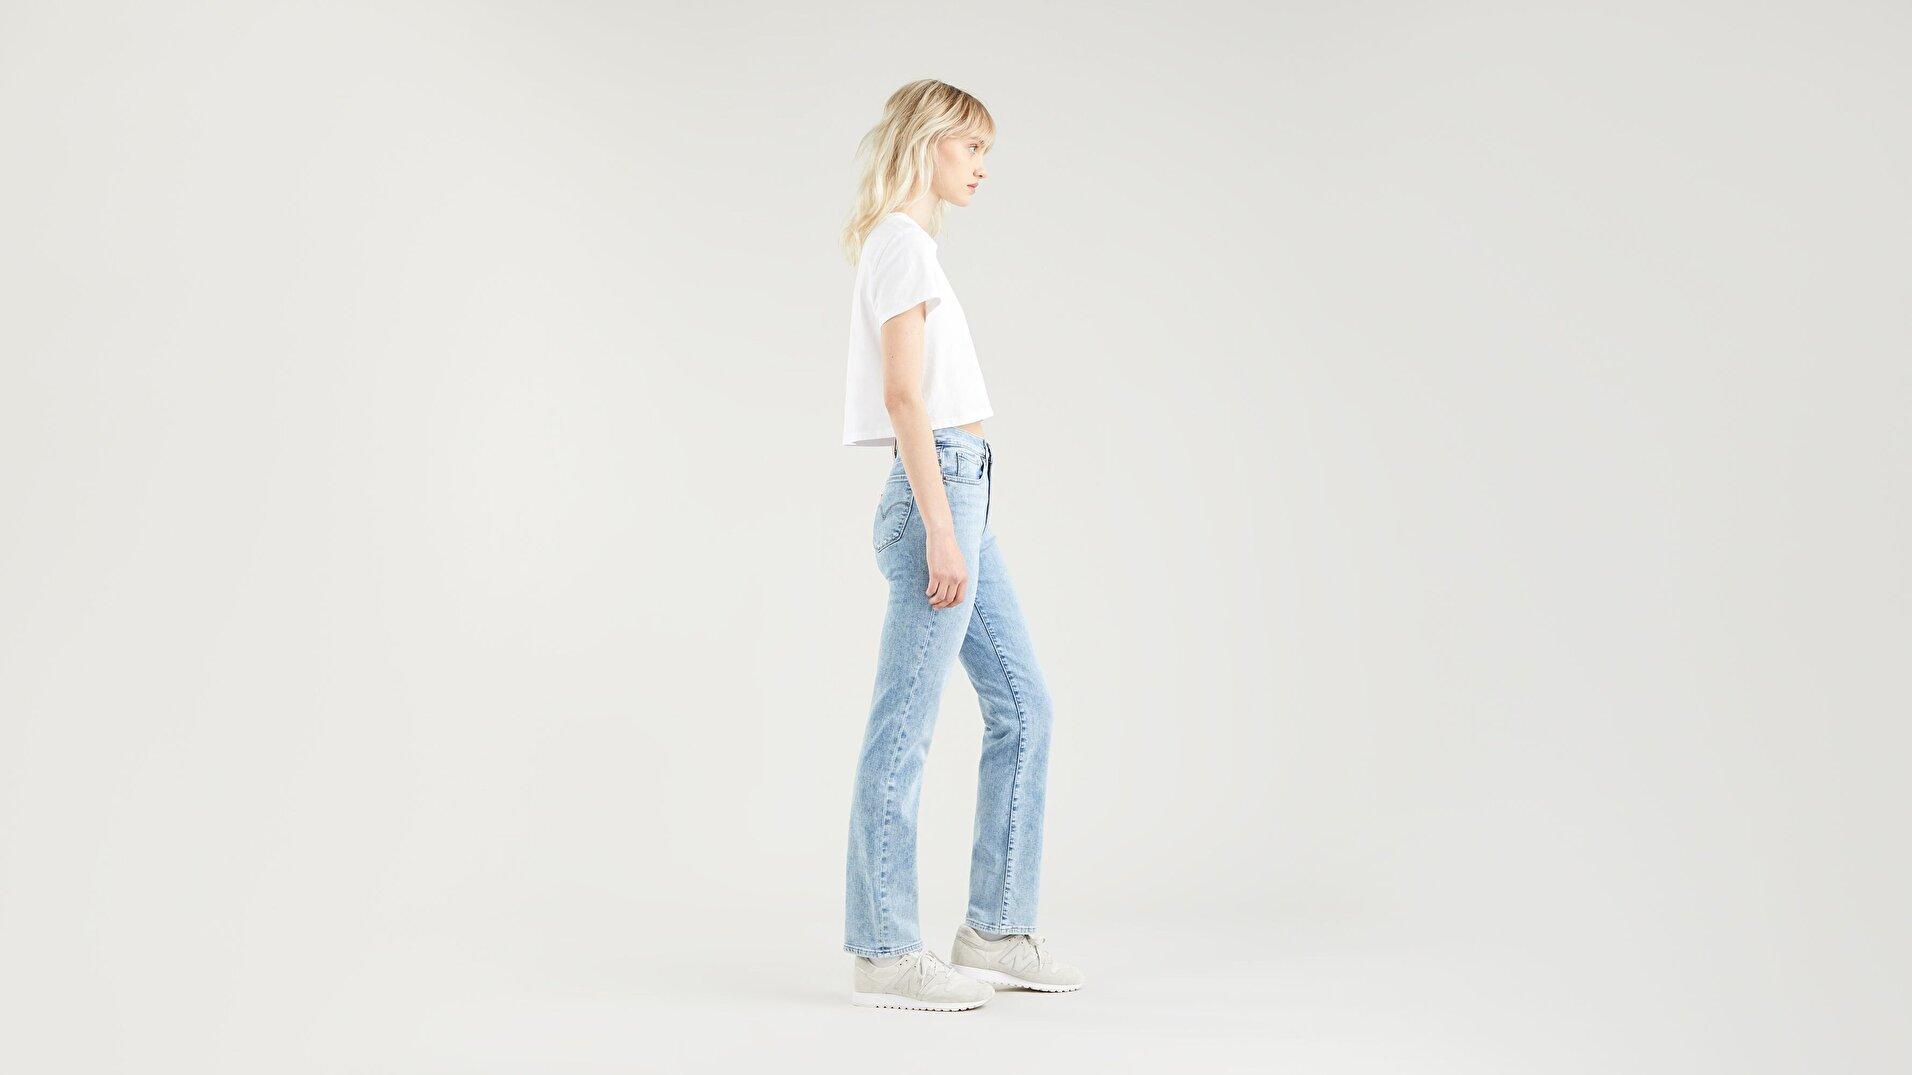 724™ High Rise Straight Kadın Jean Pantolon - Spill The Tea - Light Indigo